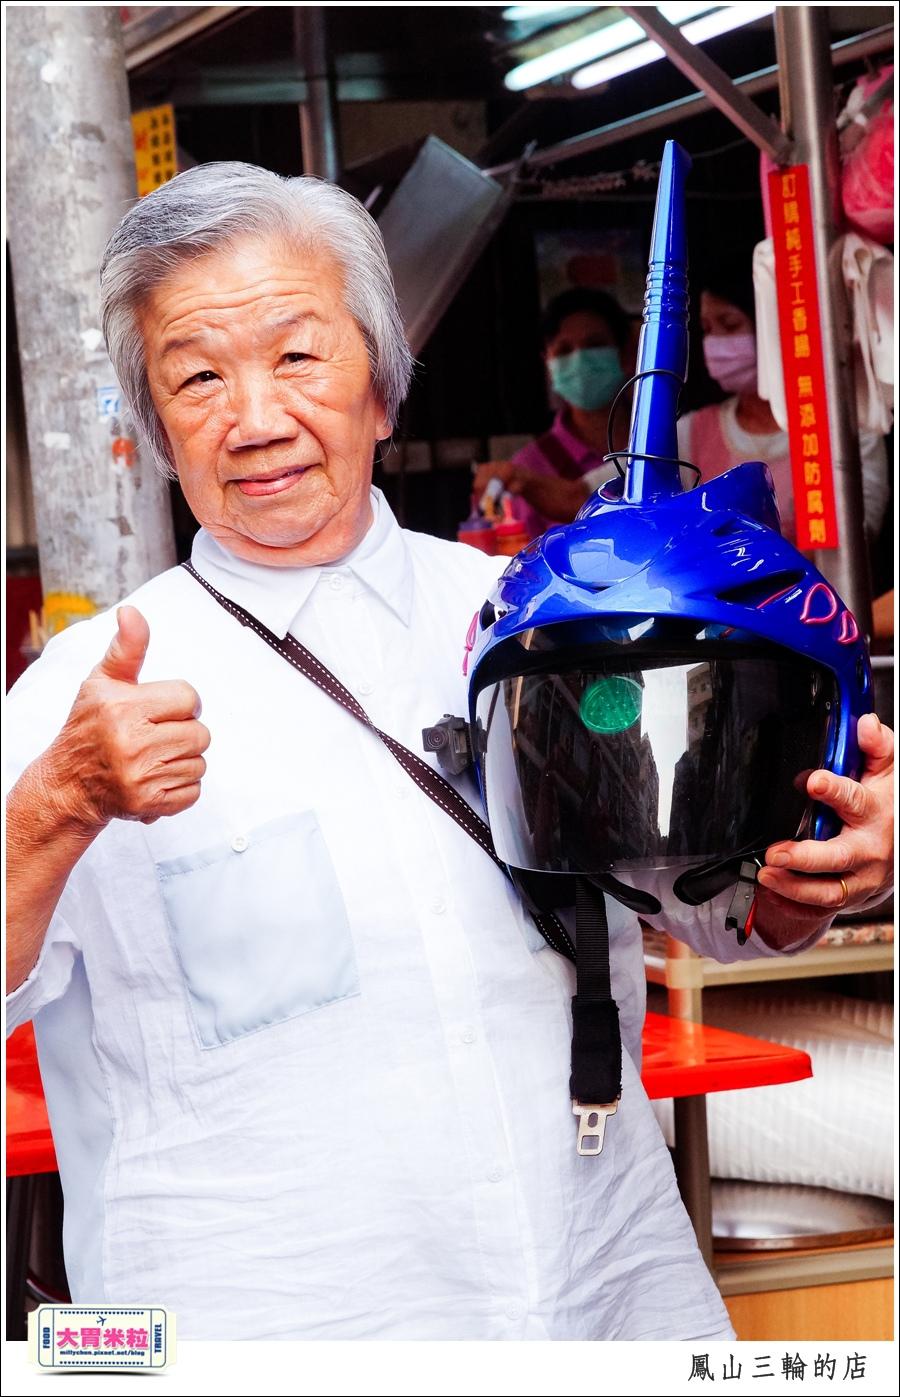 鳳山三輪的店新搬家@高雄黑輪香腸推薦@大胃米粒0029.jpg